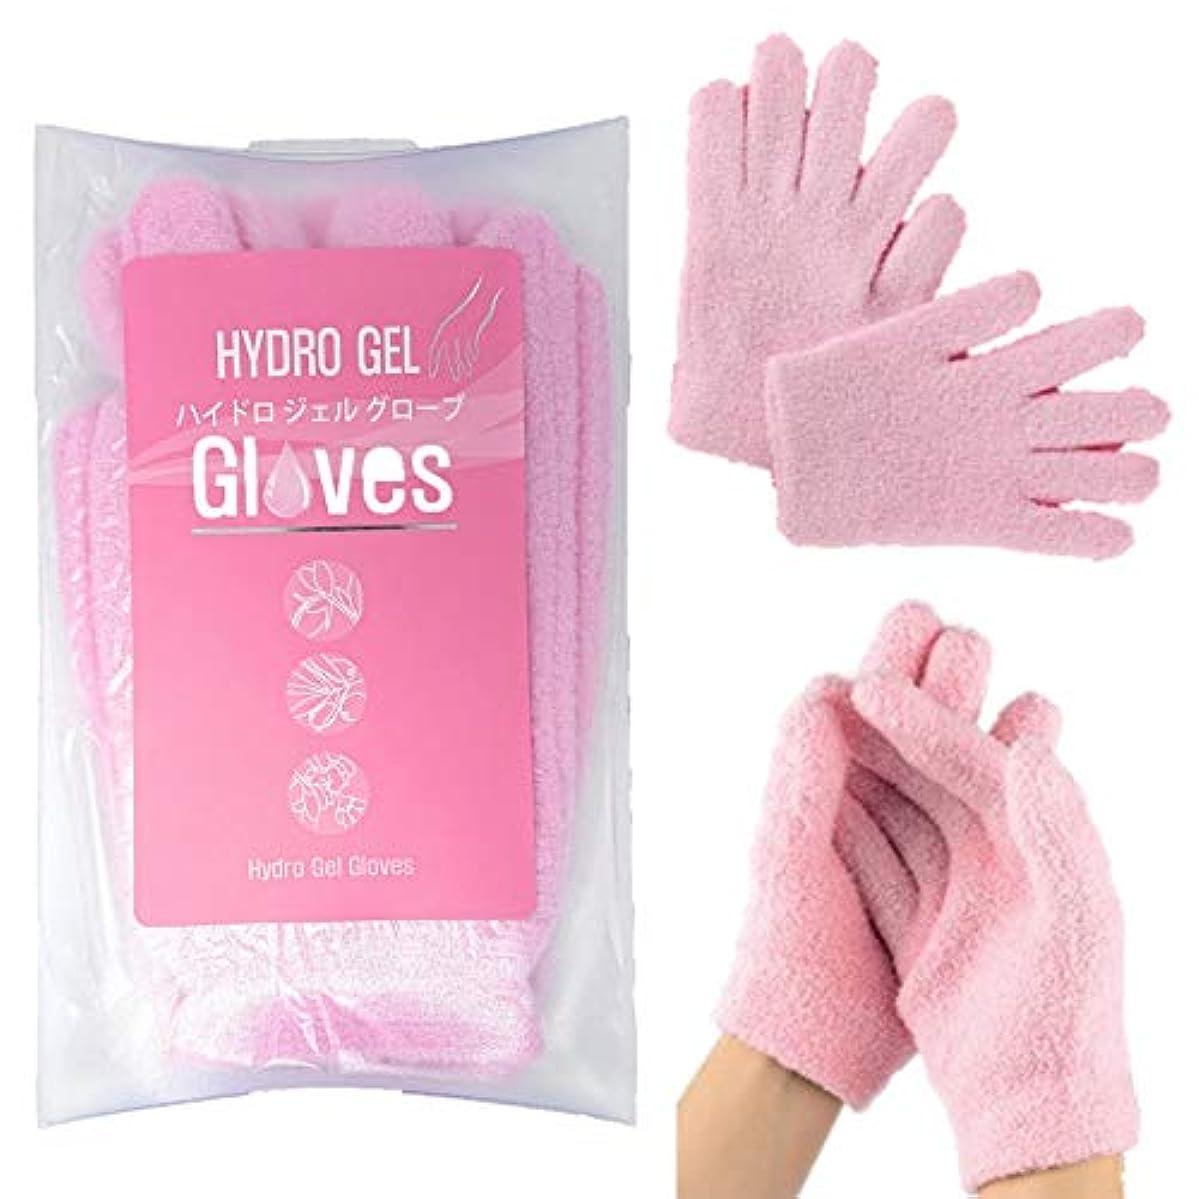 ヒープメガロポリス導出美容 保湿 手袋 Mediet ハイドロ ジェル グローブ フリーサイズ 肌のカサカサ 痒み 防止 緩和